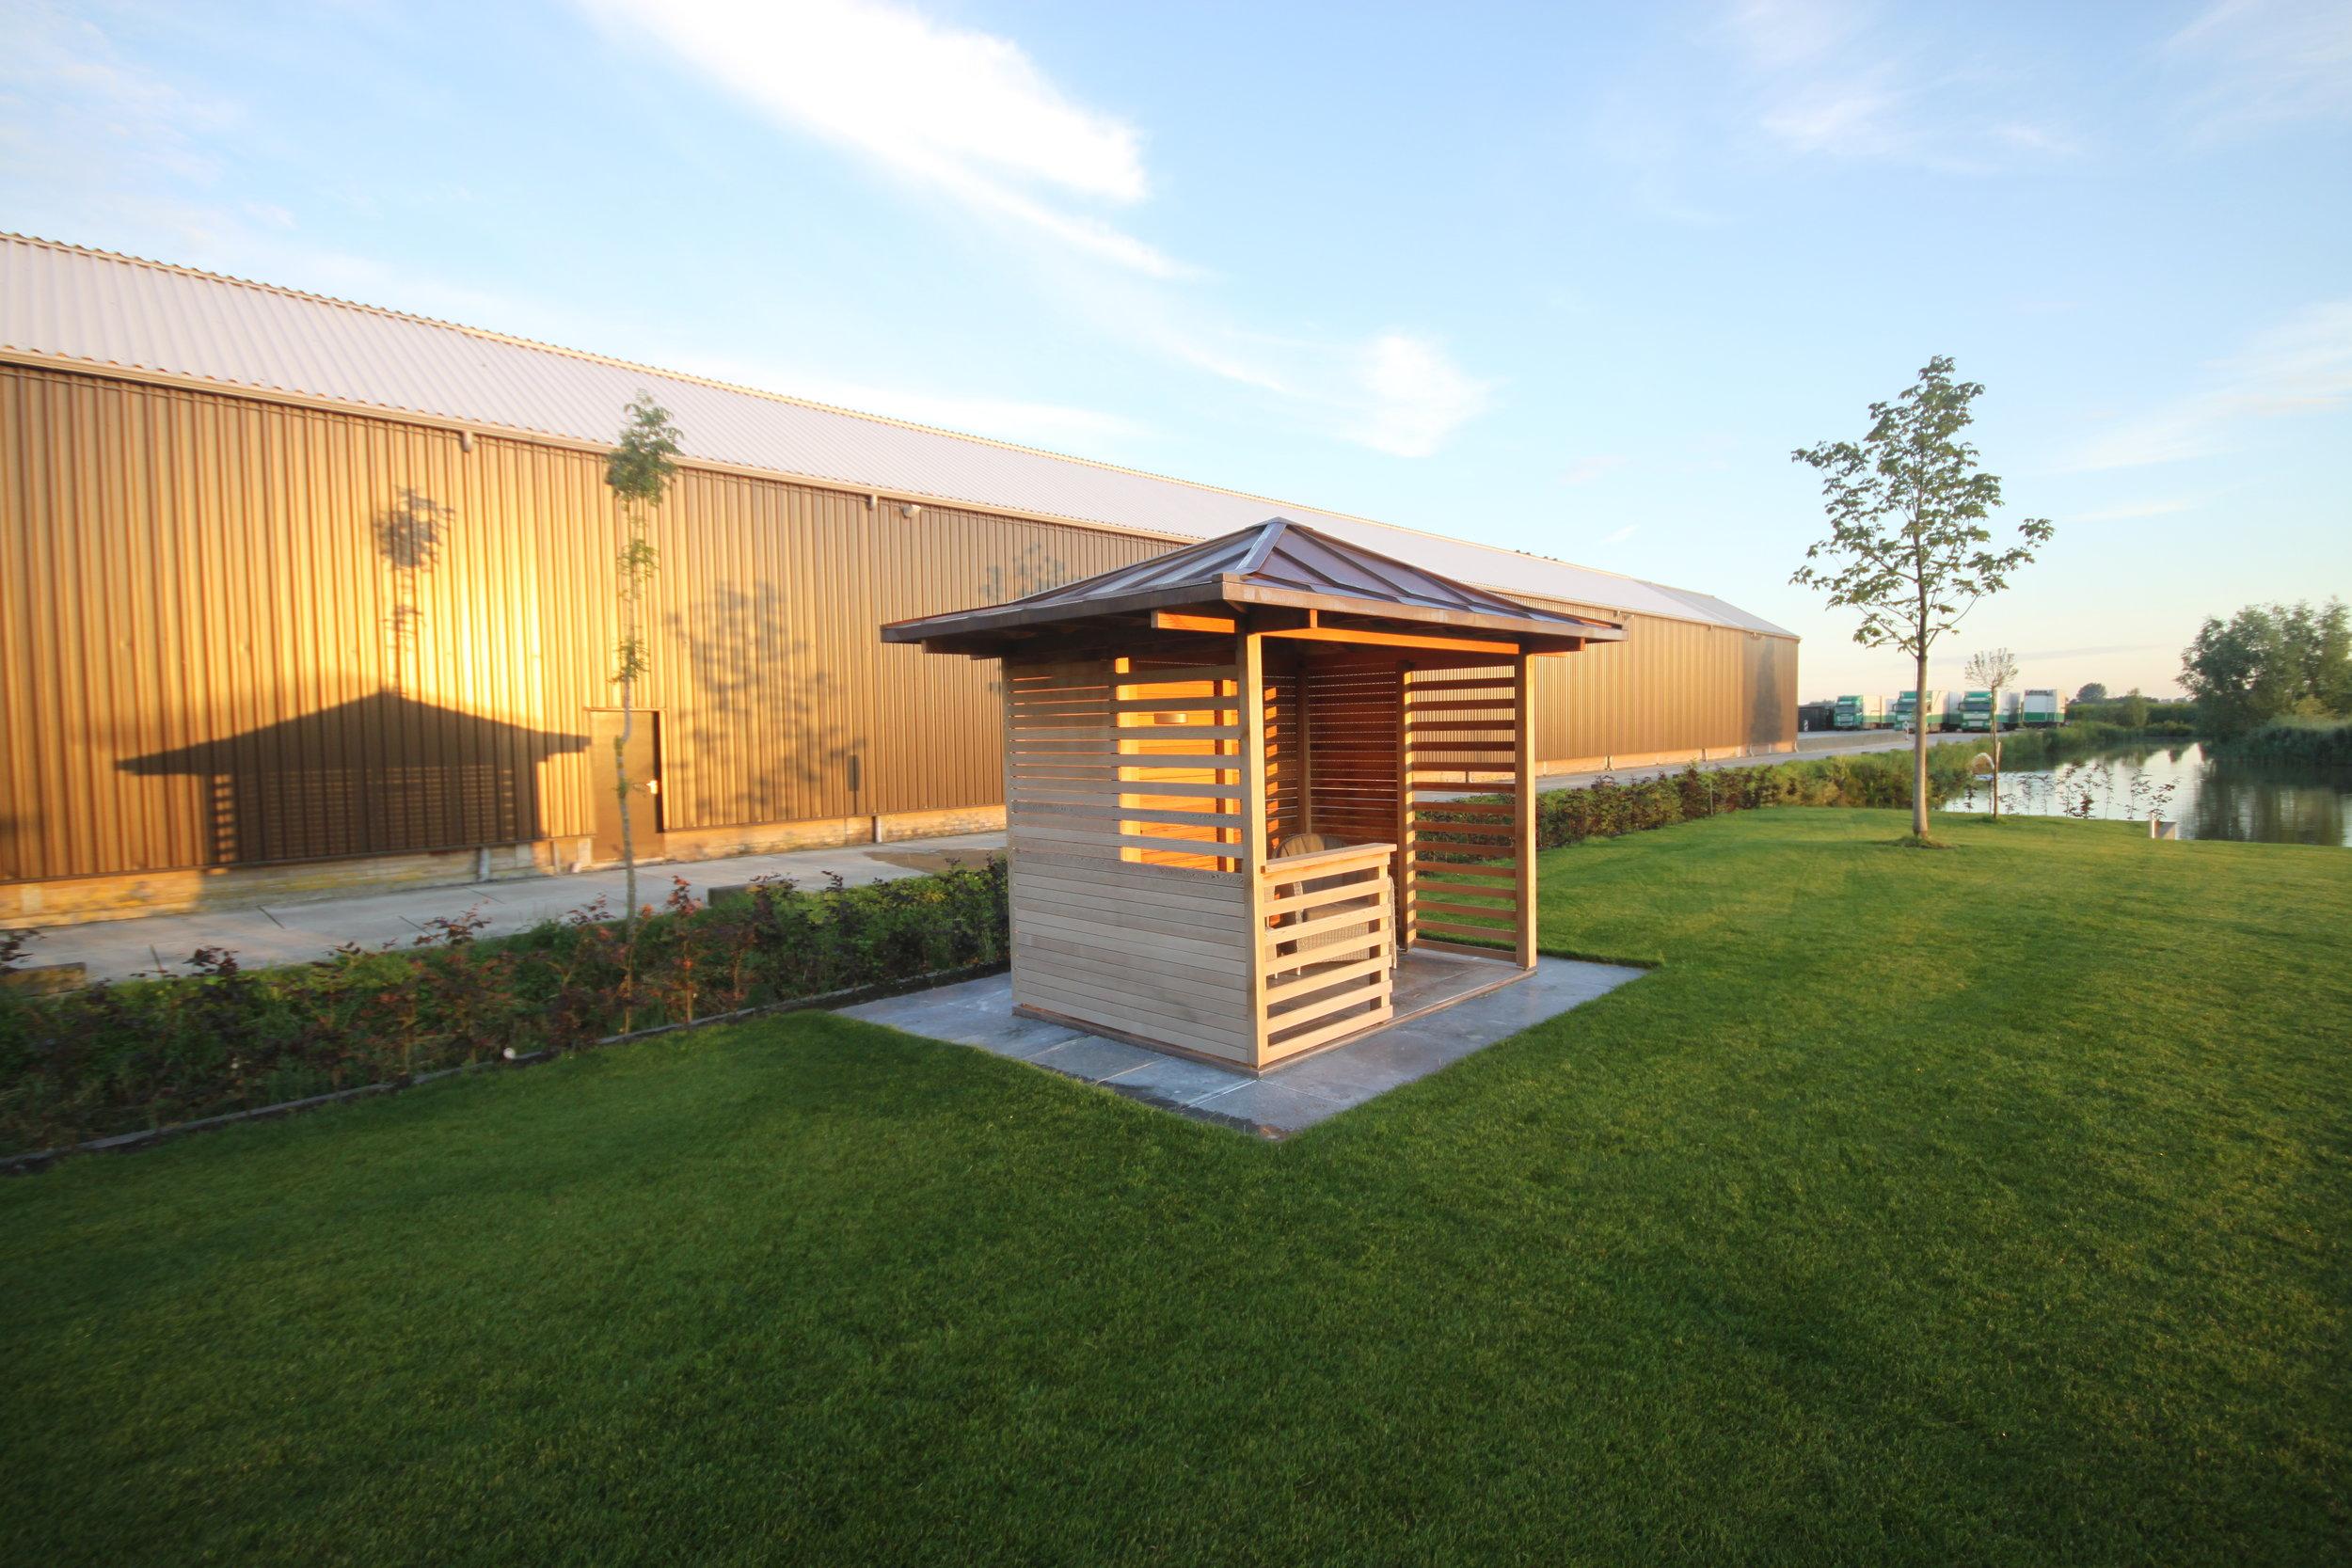 Tuinhuisje Benschop in de polder. Houten beschoeiing met een koperen dakje.